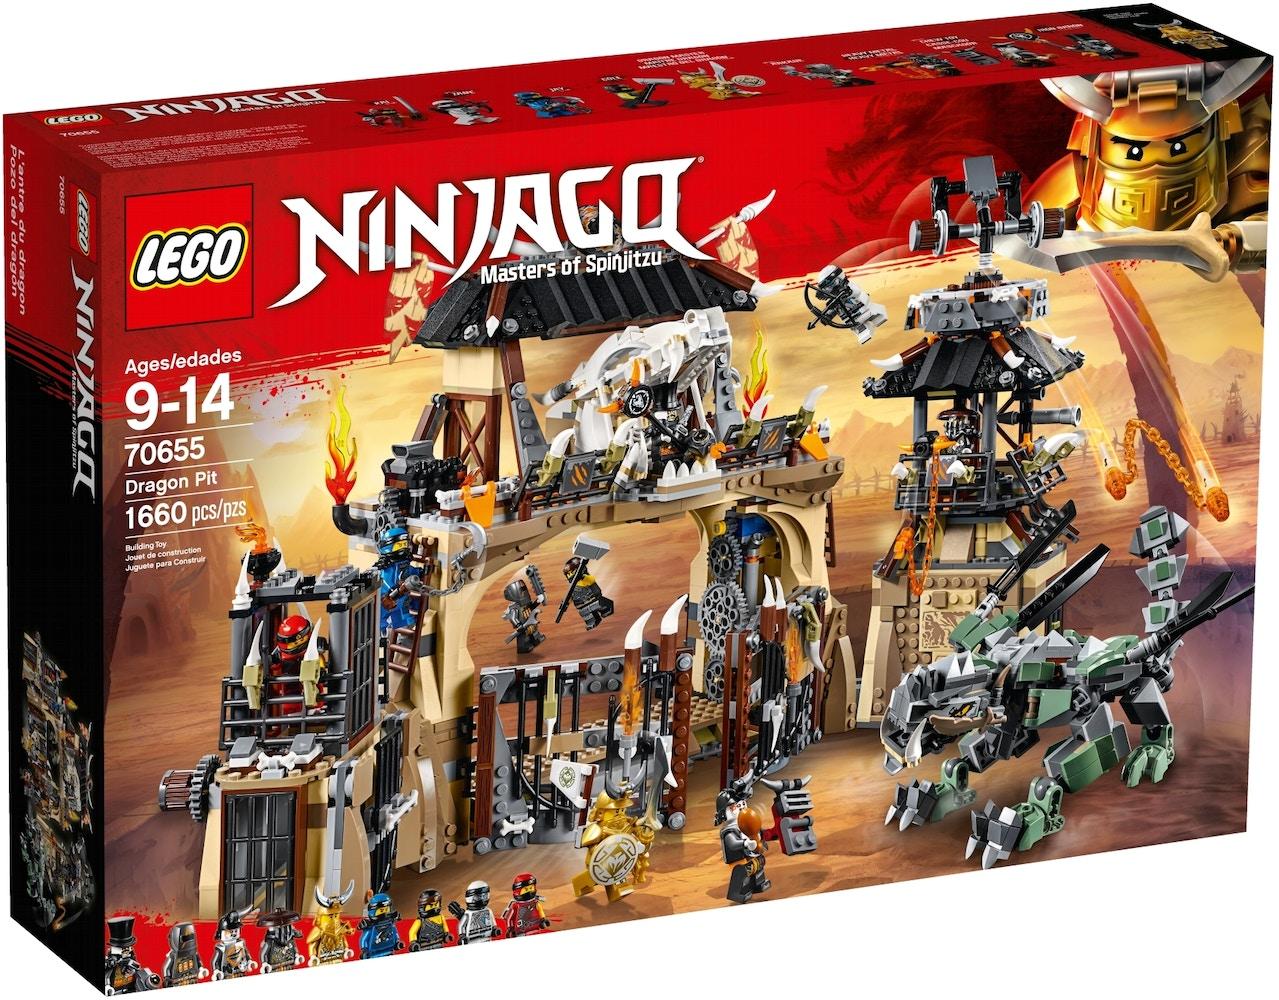 LEGO Ninjago Dragon Pit Set 70655 -